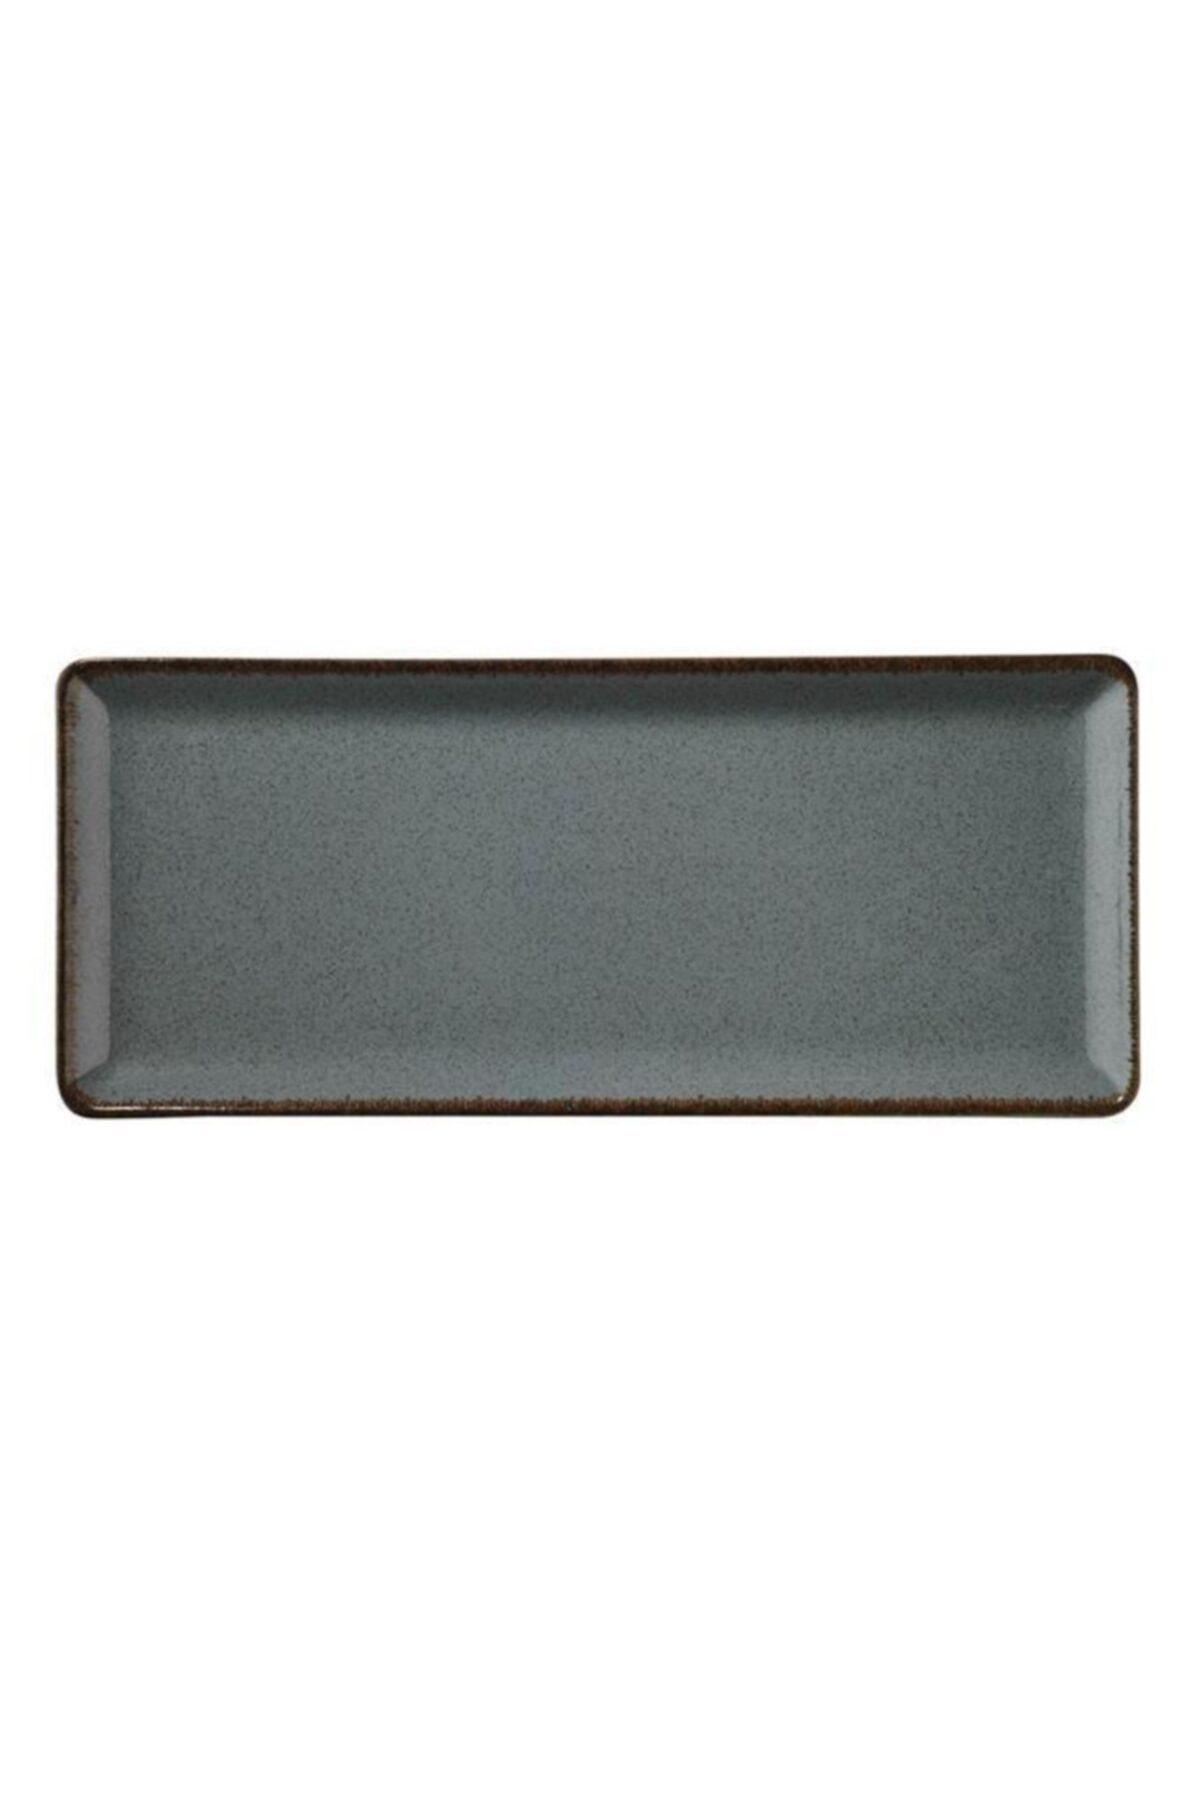 Dikdörten Düz Tabak 35x15 Cm